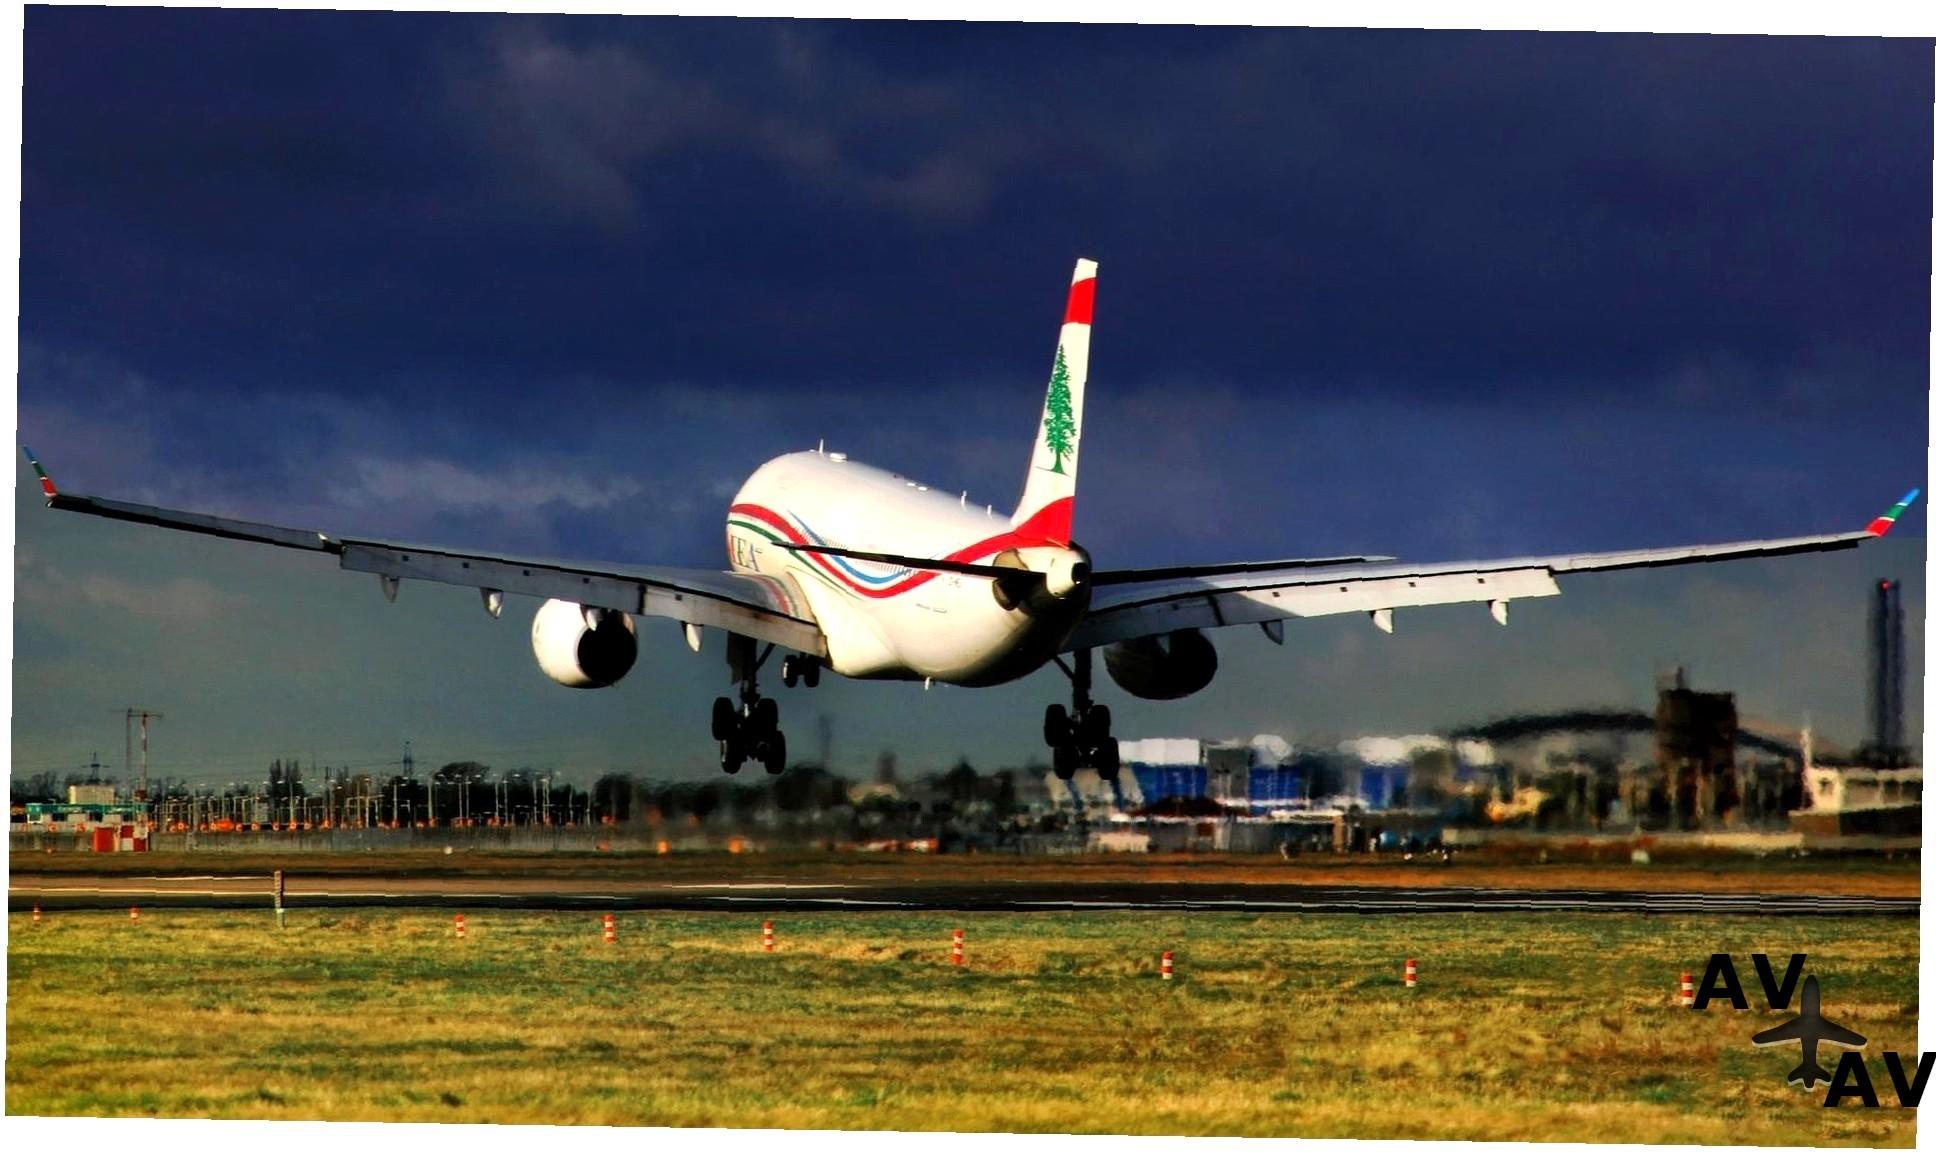 Аэропорт Винь (Vinh City) коды IATA: VII ICAO: VVVH город: Винь (Vinh City) страна: Вьетнам (Vietnam)